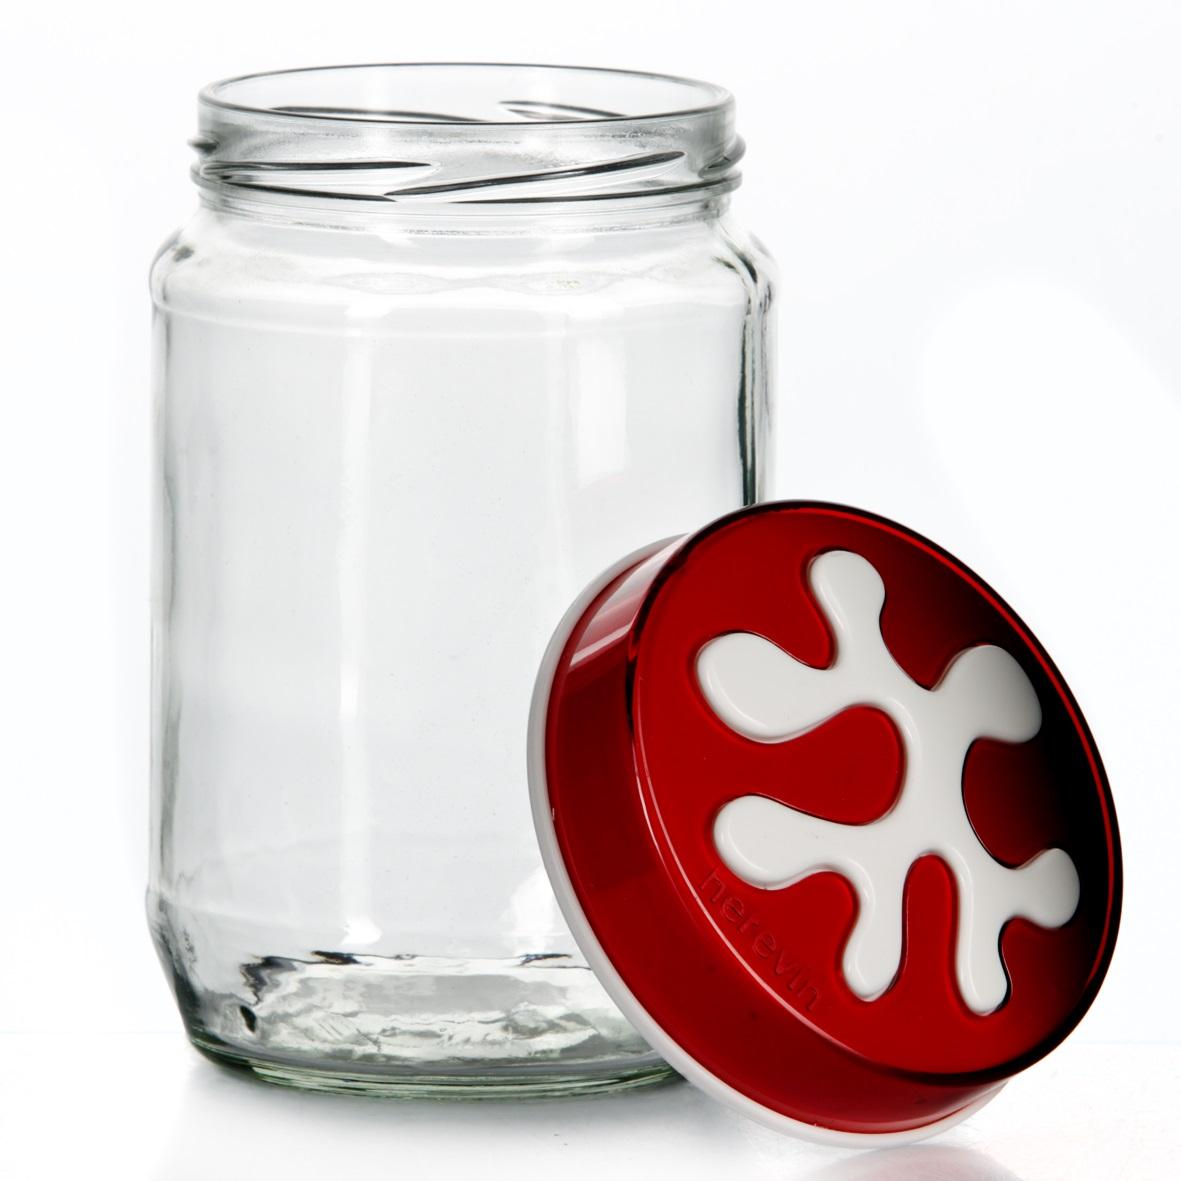 Банка для сыпучих продуктов Herevin, цвет: темно-красный, 720 мл. 135367-00125512Банка для сыпучих продуктов Herevin изготовлена из прочного стекла иоснащена плотно закрывающейся пластиковой крышкой. Благодаря этому внутрисохраняется герметичность, ипродукты дольше остаются свежими. Изделие предназначено для храненияразличных сыпучих продуктов: круп, чая, сахара, орехов и т.д.Функциональная и вместительная, такая банка станет незаменимым аксессуаромна любой кухне.Можно мыть в посудомоечной машине. Пластиковые части рекомендуется мытьвручную. Объем: 720 мл. Диаметр (по верхнему краю): 7,5 см. Высота банки (без учета крышки): 14 см.